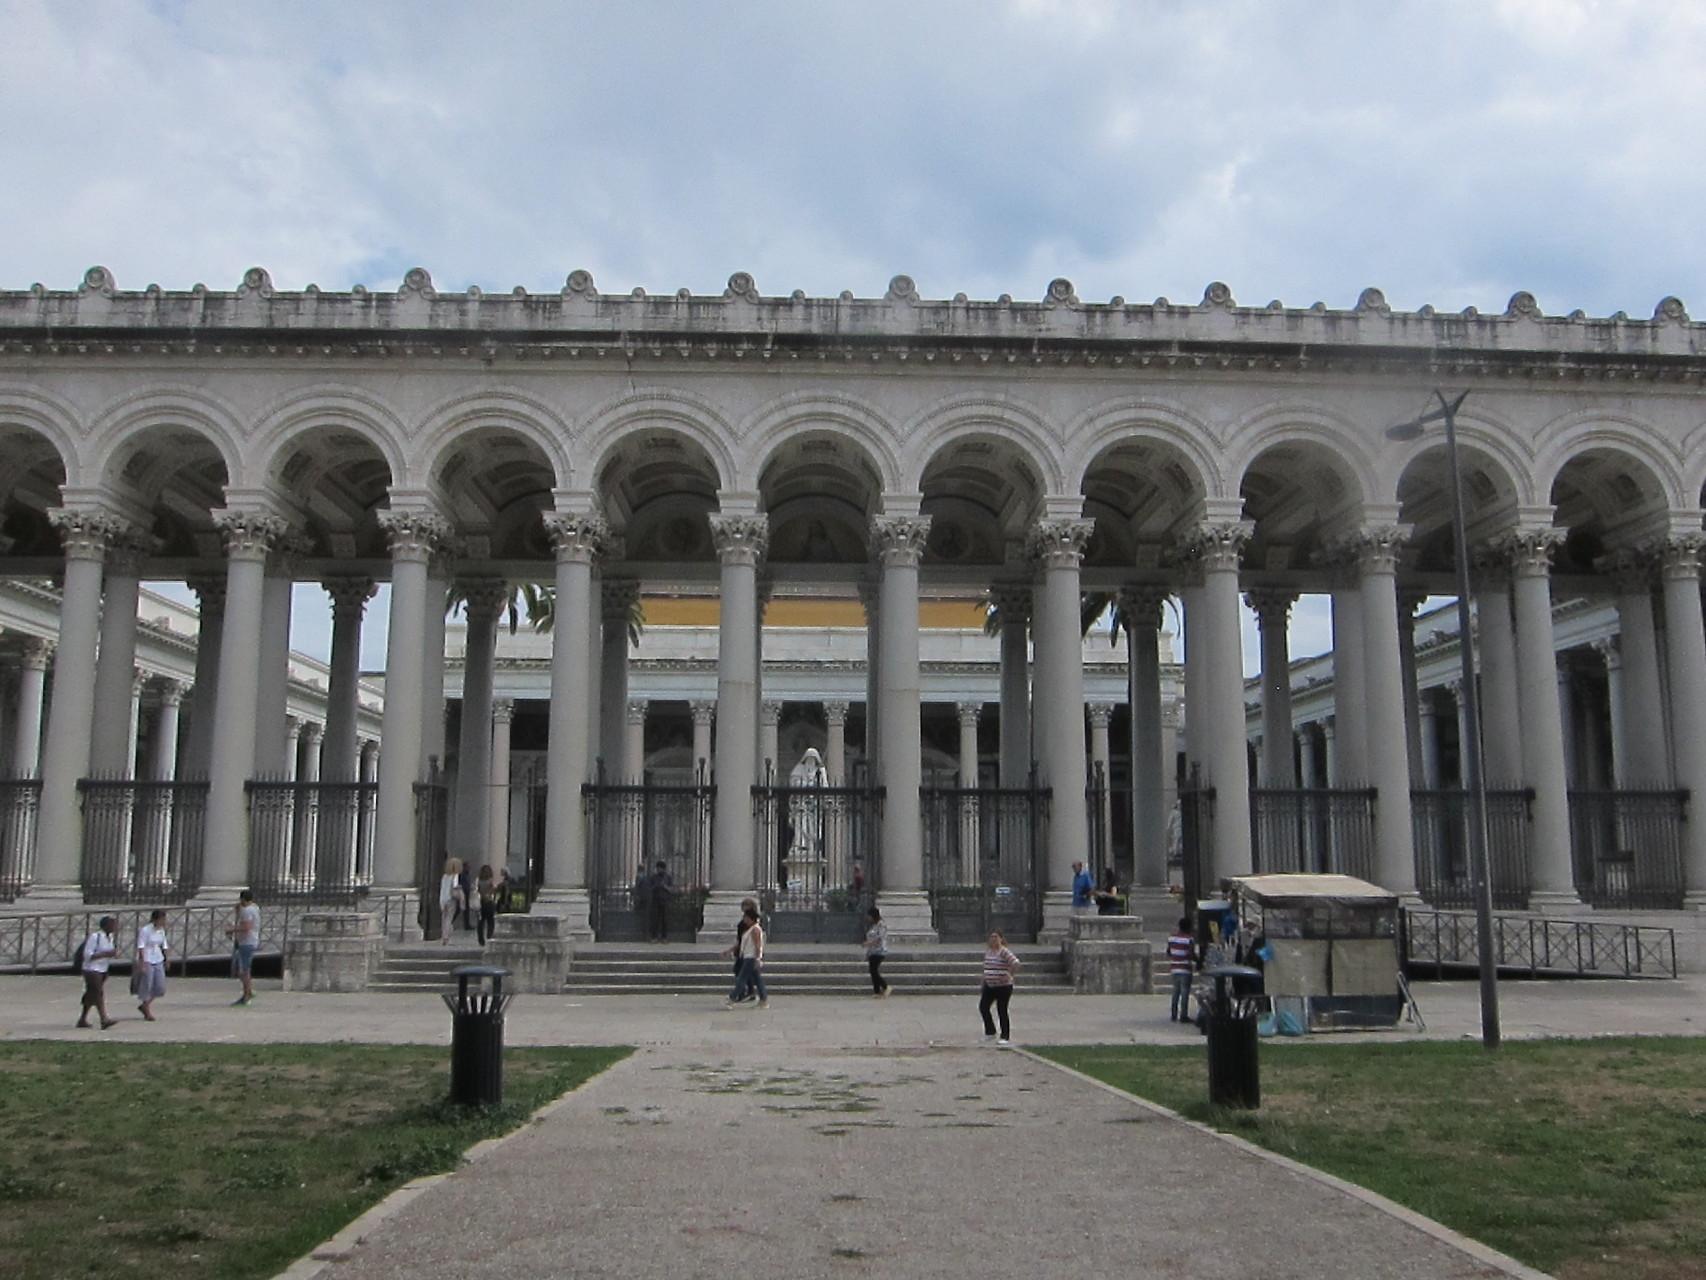 美しい廻廊があるサンパオロフォリレムーラ大聖堂